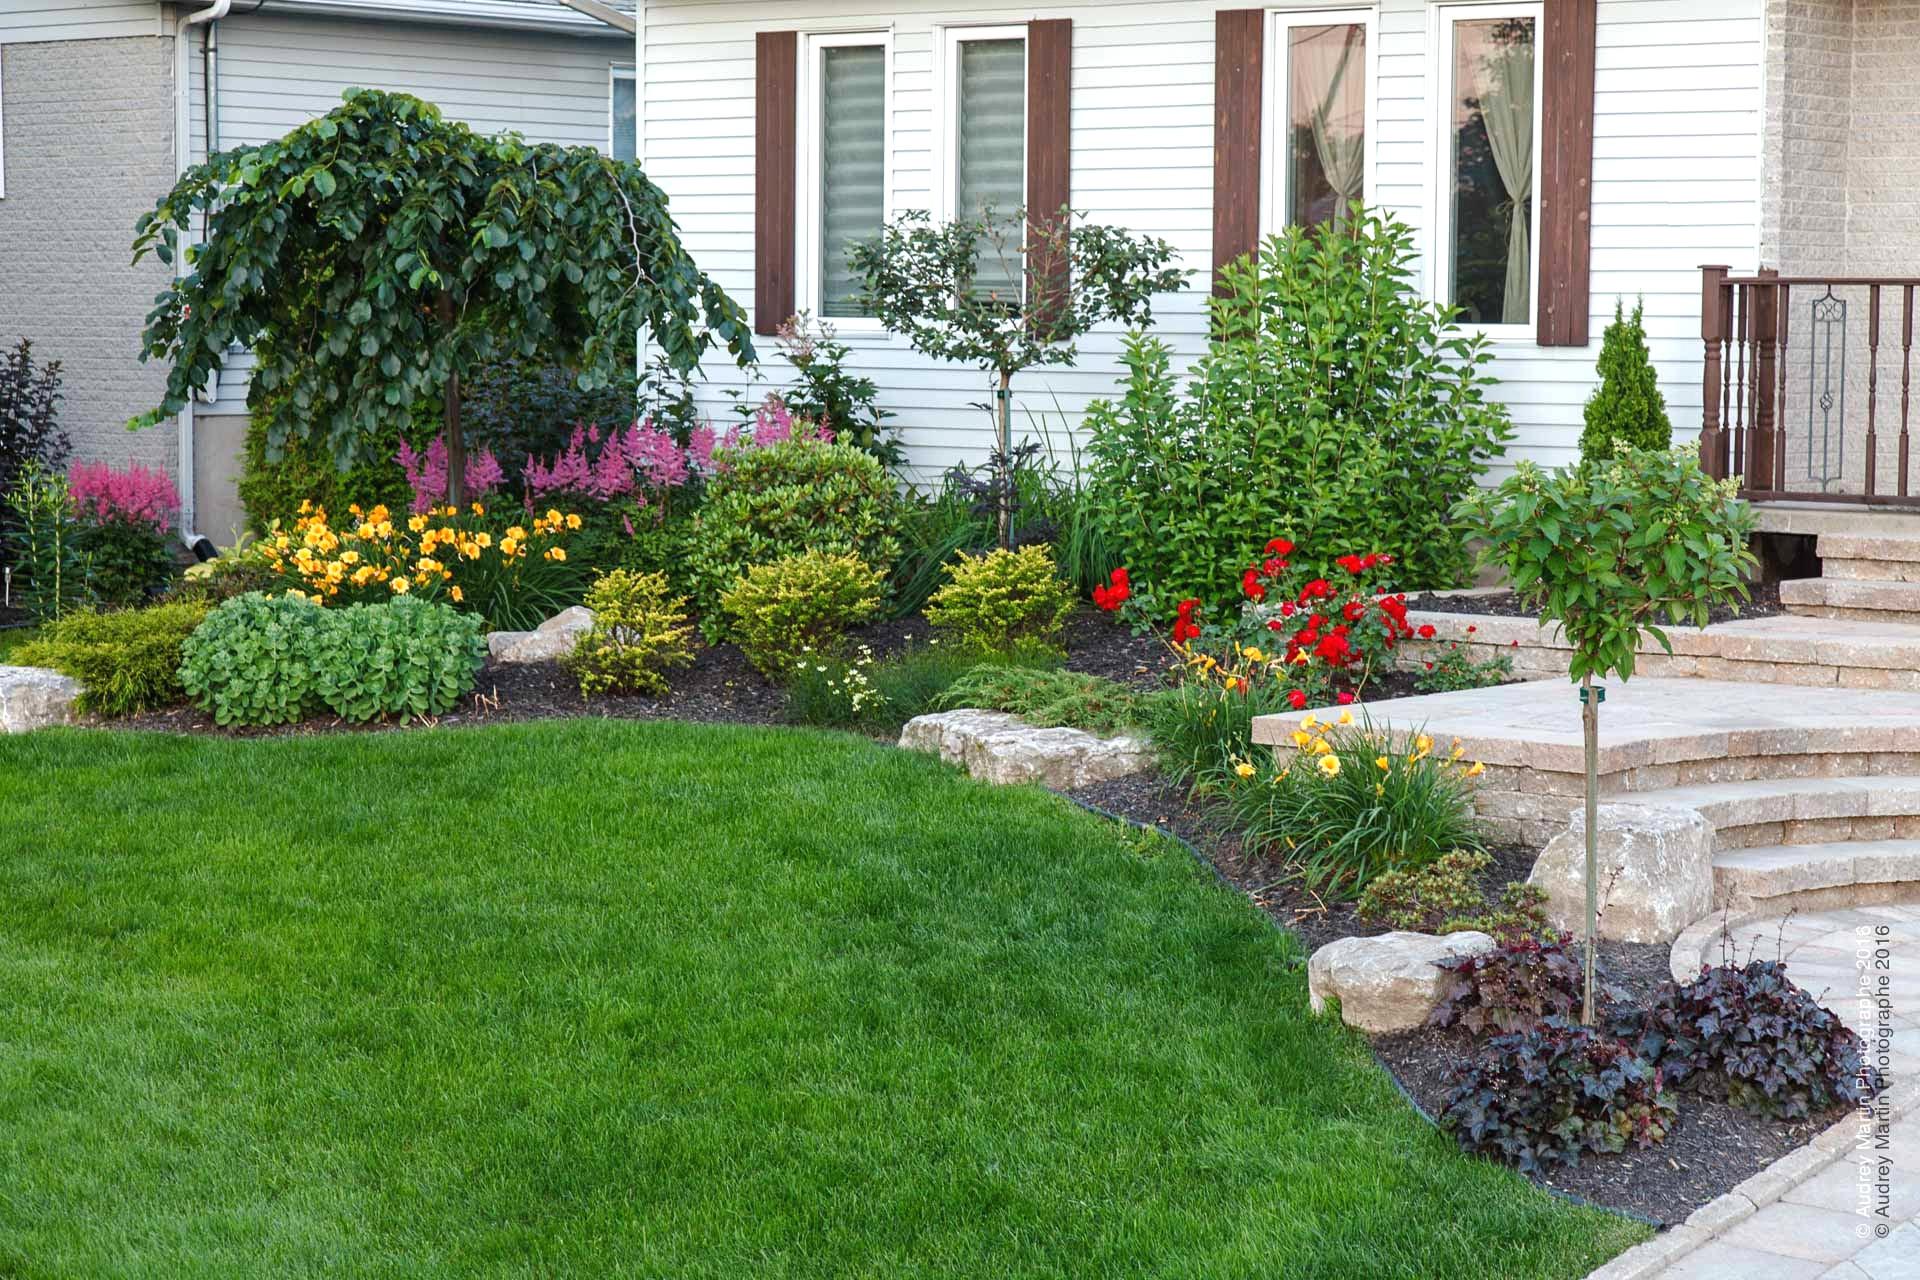 Aménagement Jardin Devant Maison Des Idées - Idees ... encequiconcerne Idée Allée De Jardin